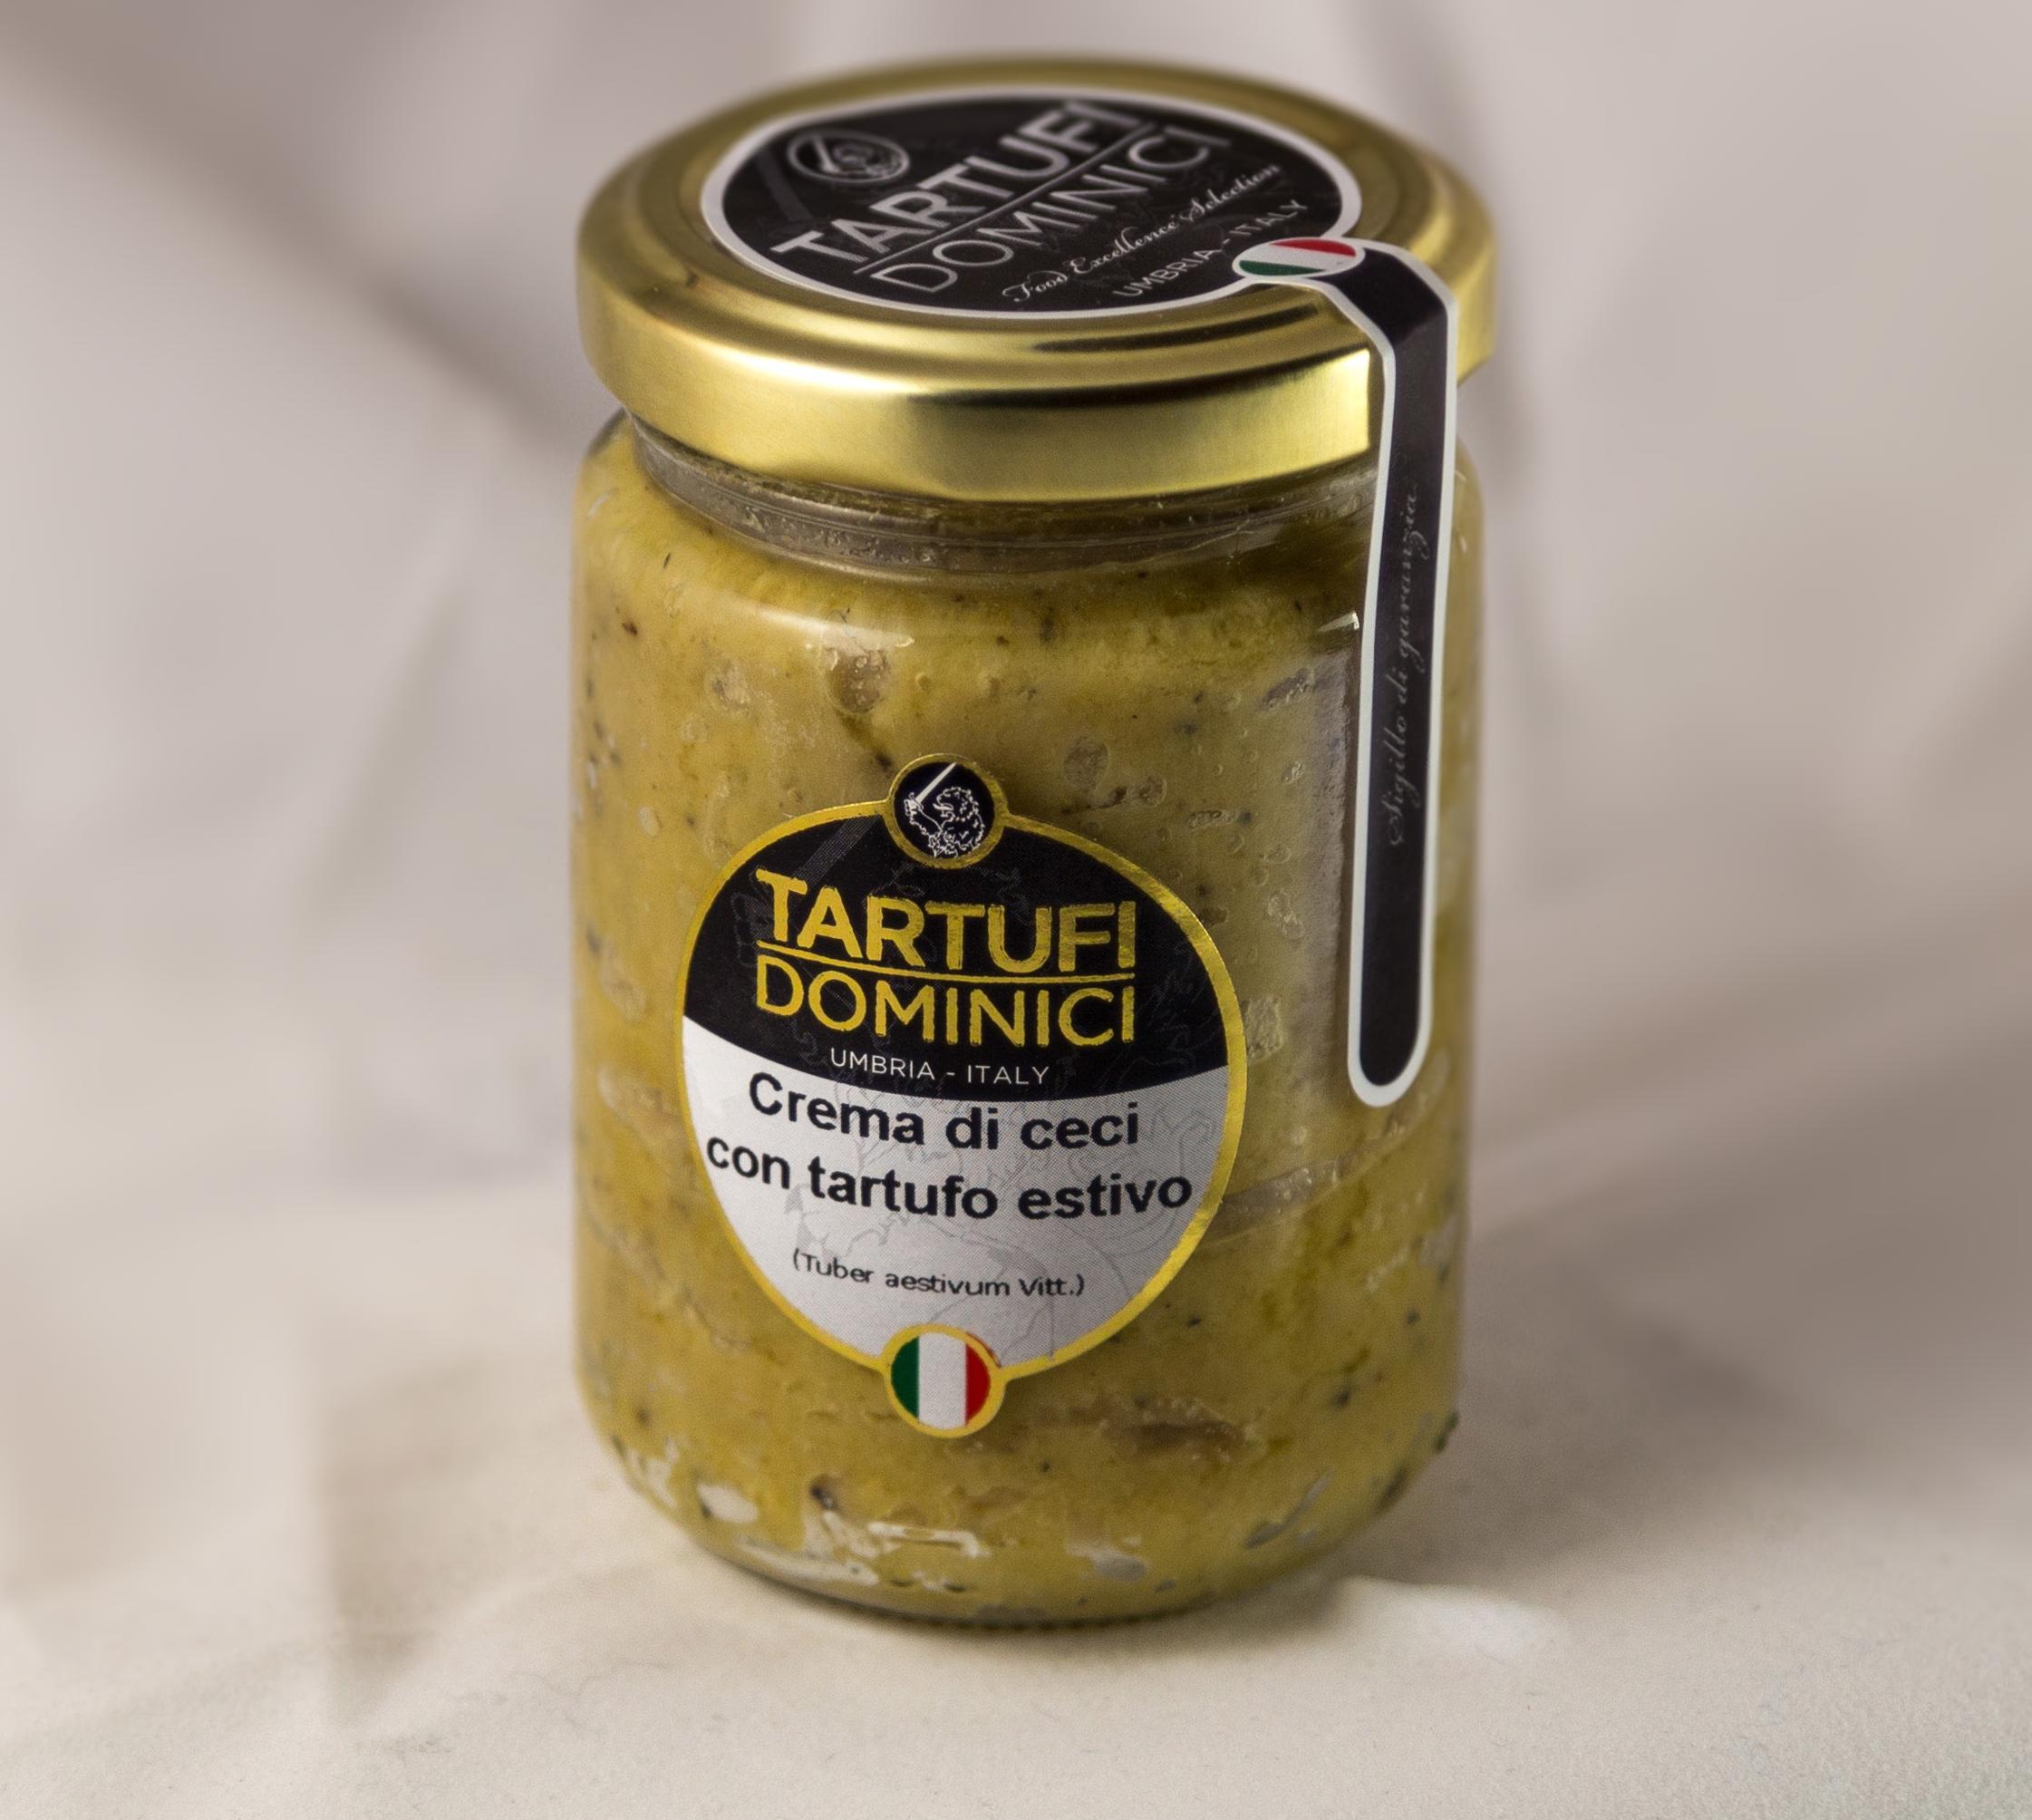 Crema di ceci con tartufo estivo - Tartufi Dominici